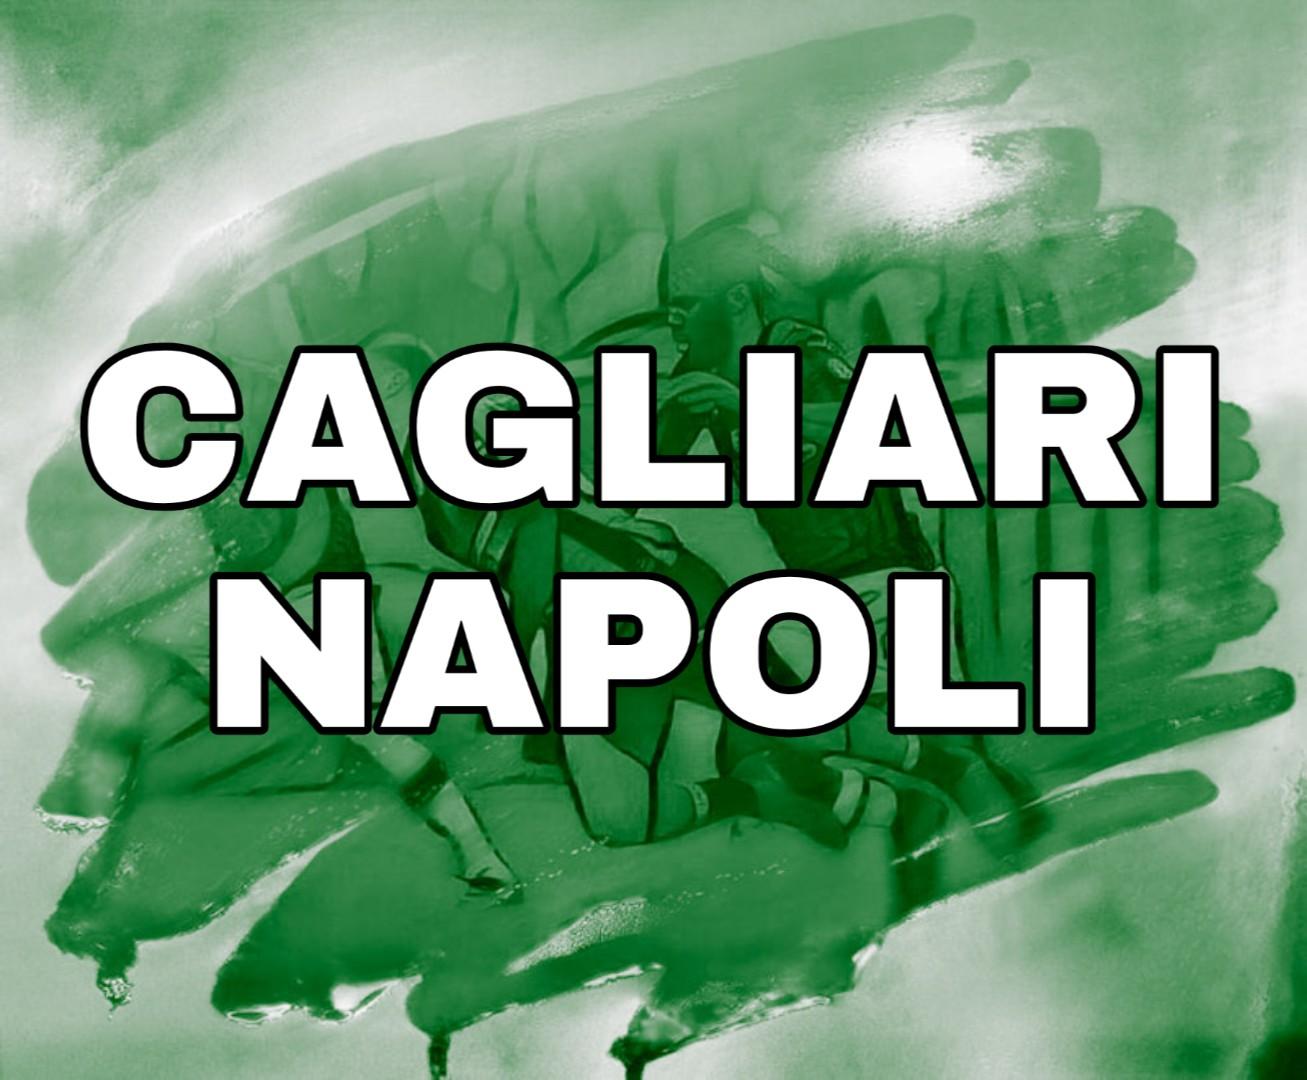 Cagliari Napoli fantacalcio